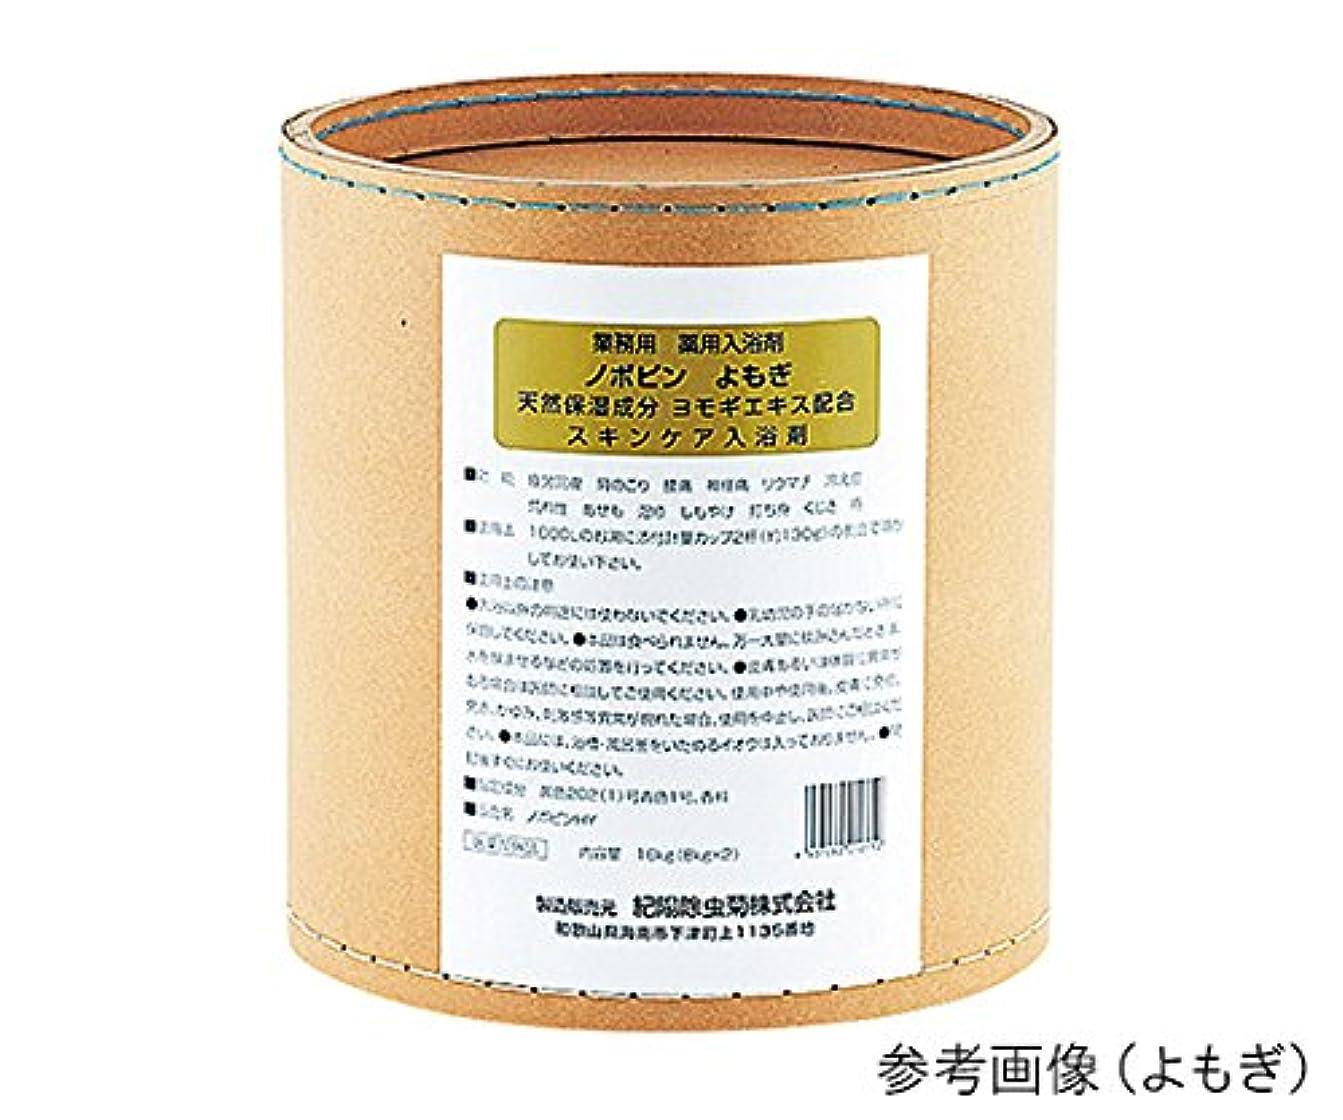 魚浮浪者変化紀陽除虫菊7-2541-03業務用薬用入浴剤(ノボピン)カミツレ(8kg×2個入)